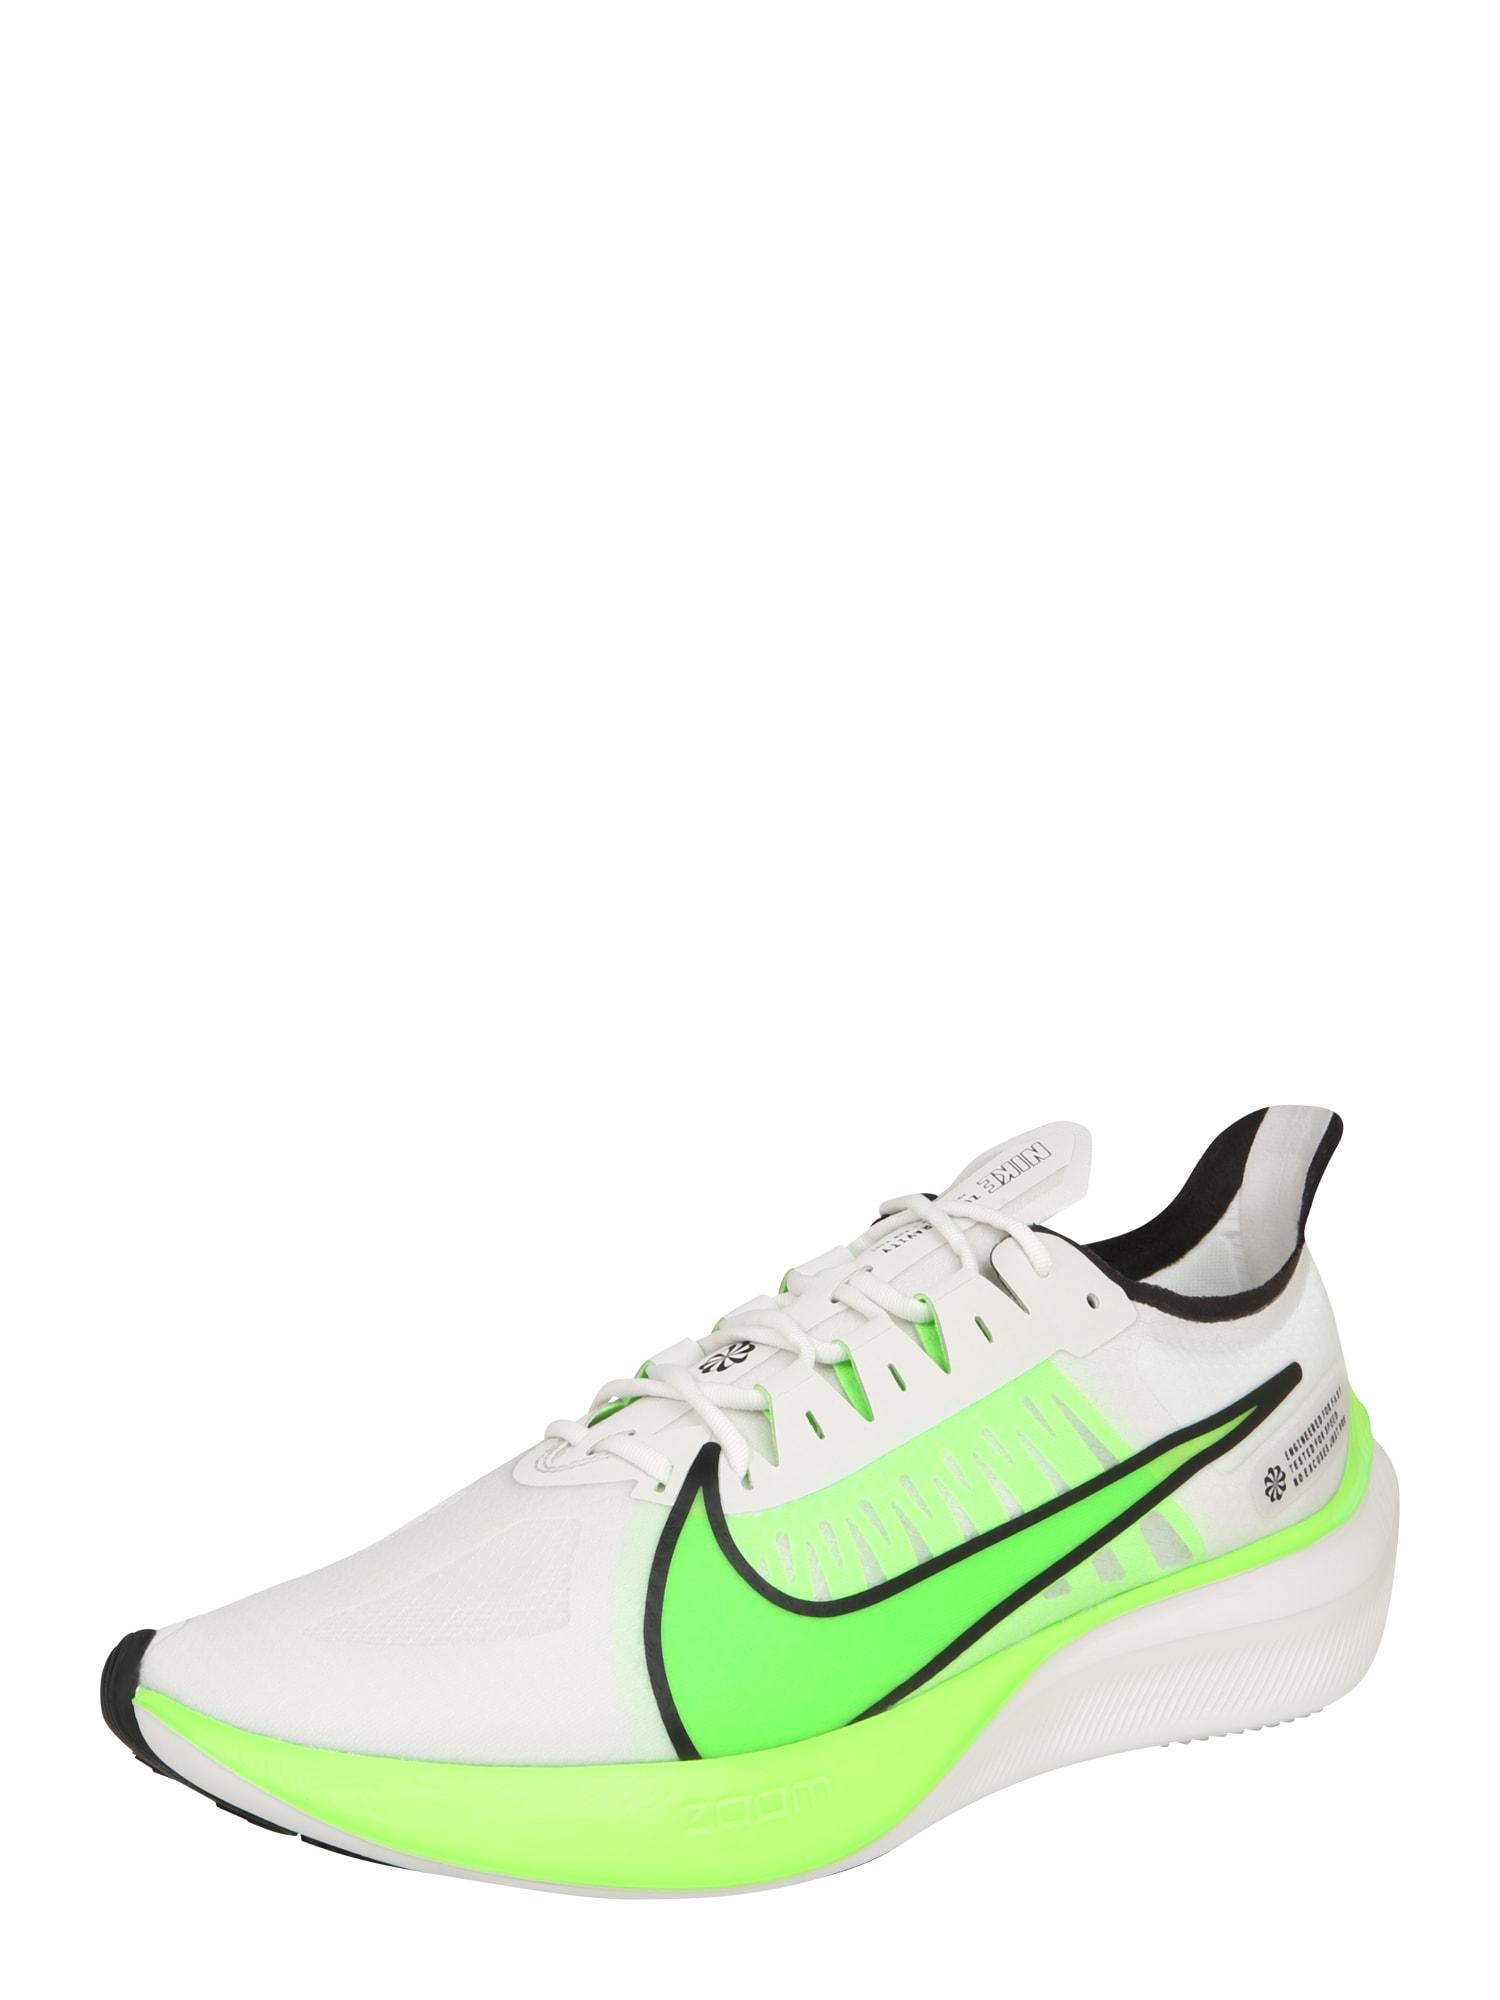 Běžecká obuv ZOOM GRAVITY svítivě zelená bílá NIKE